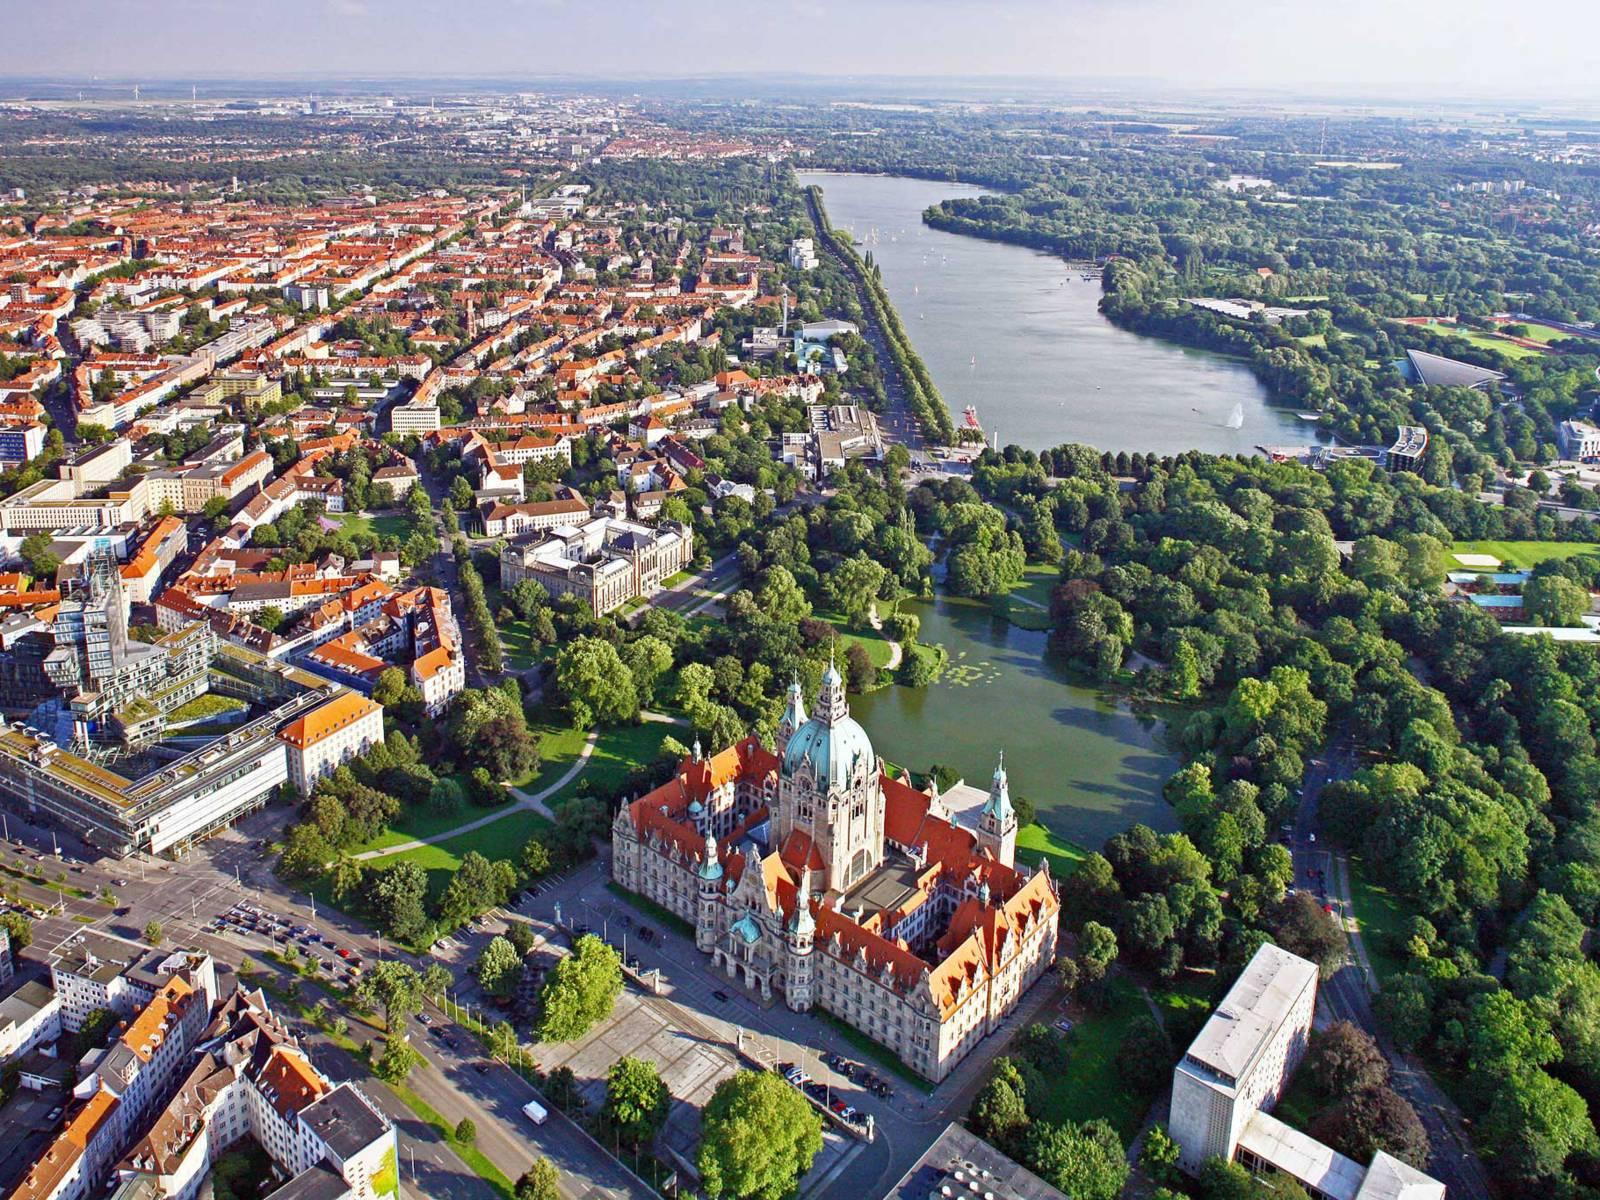 Schrägaufnahme von Hannover mit Blick auf die Stadt.